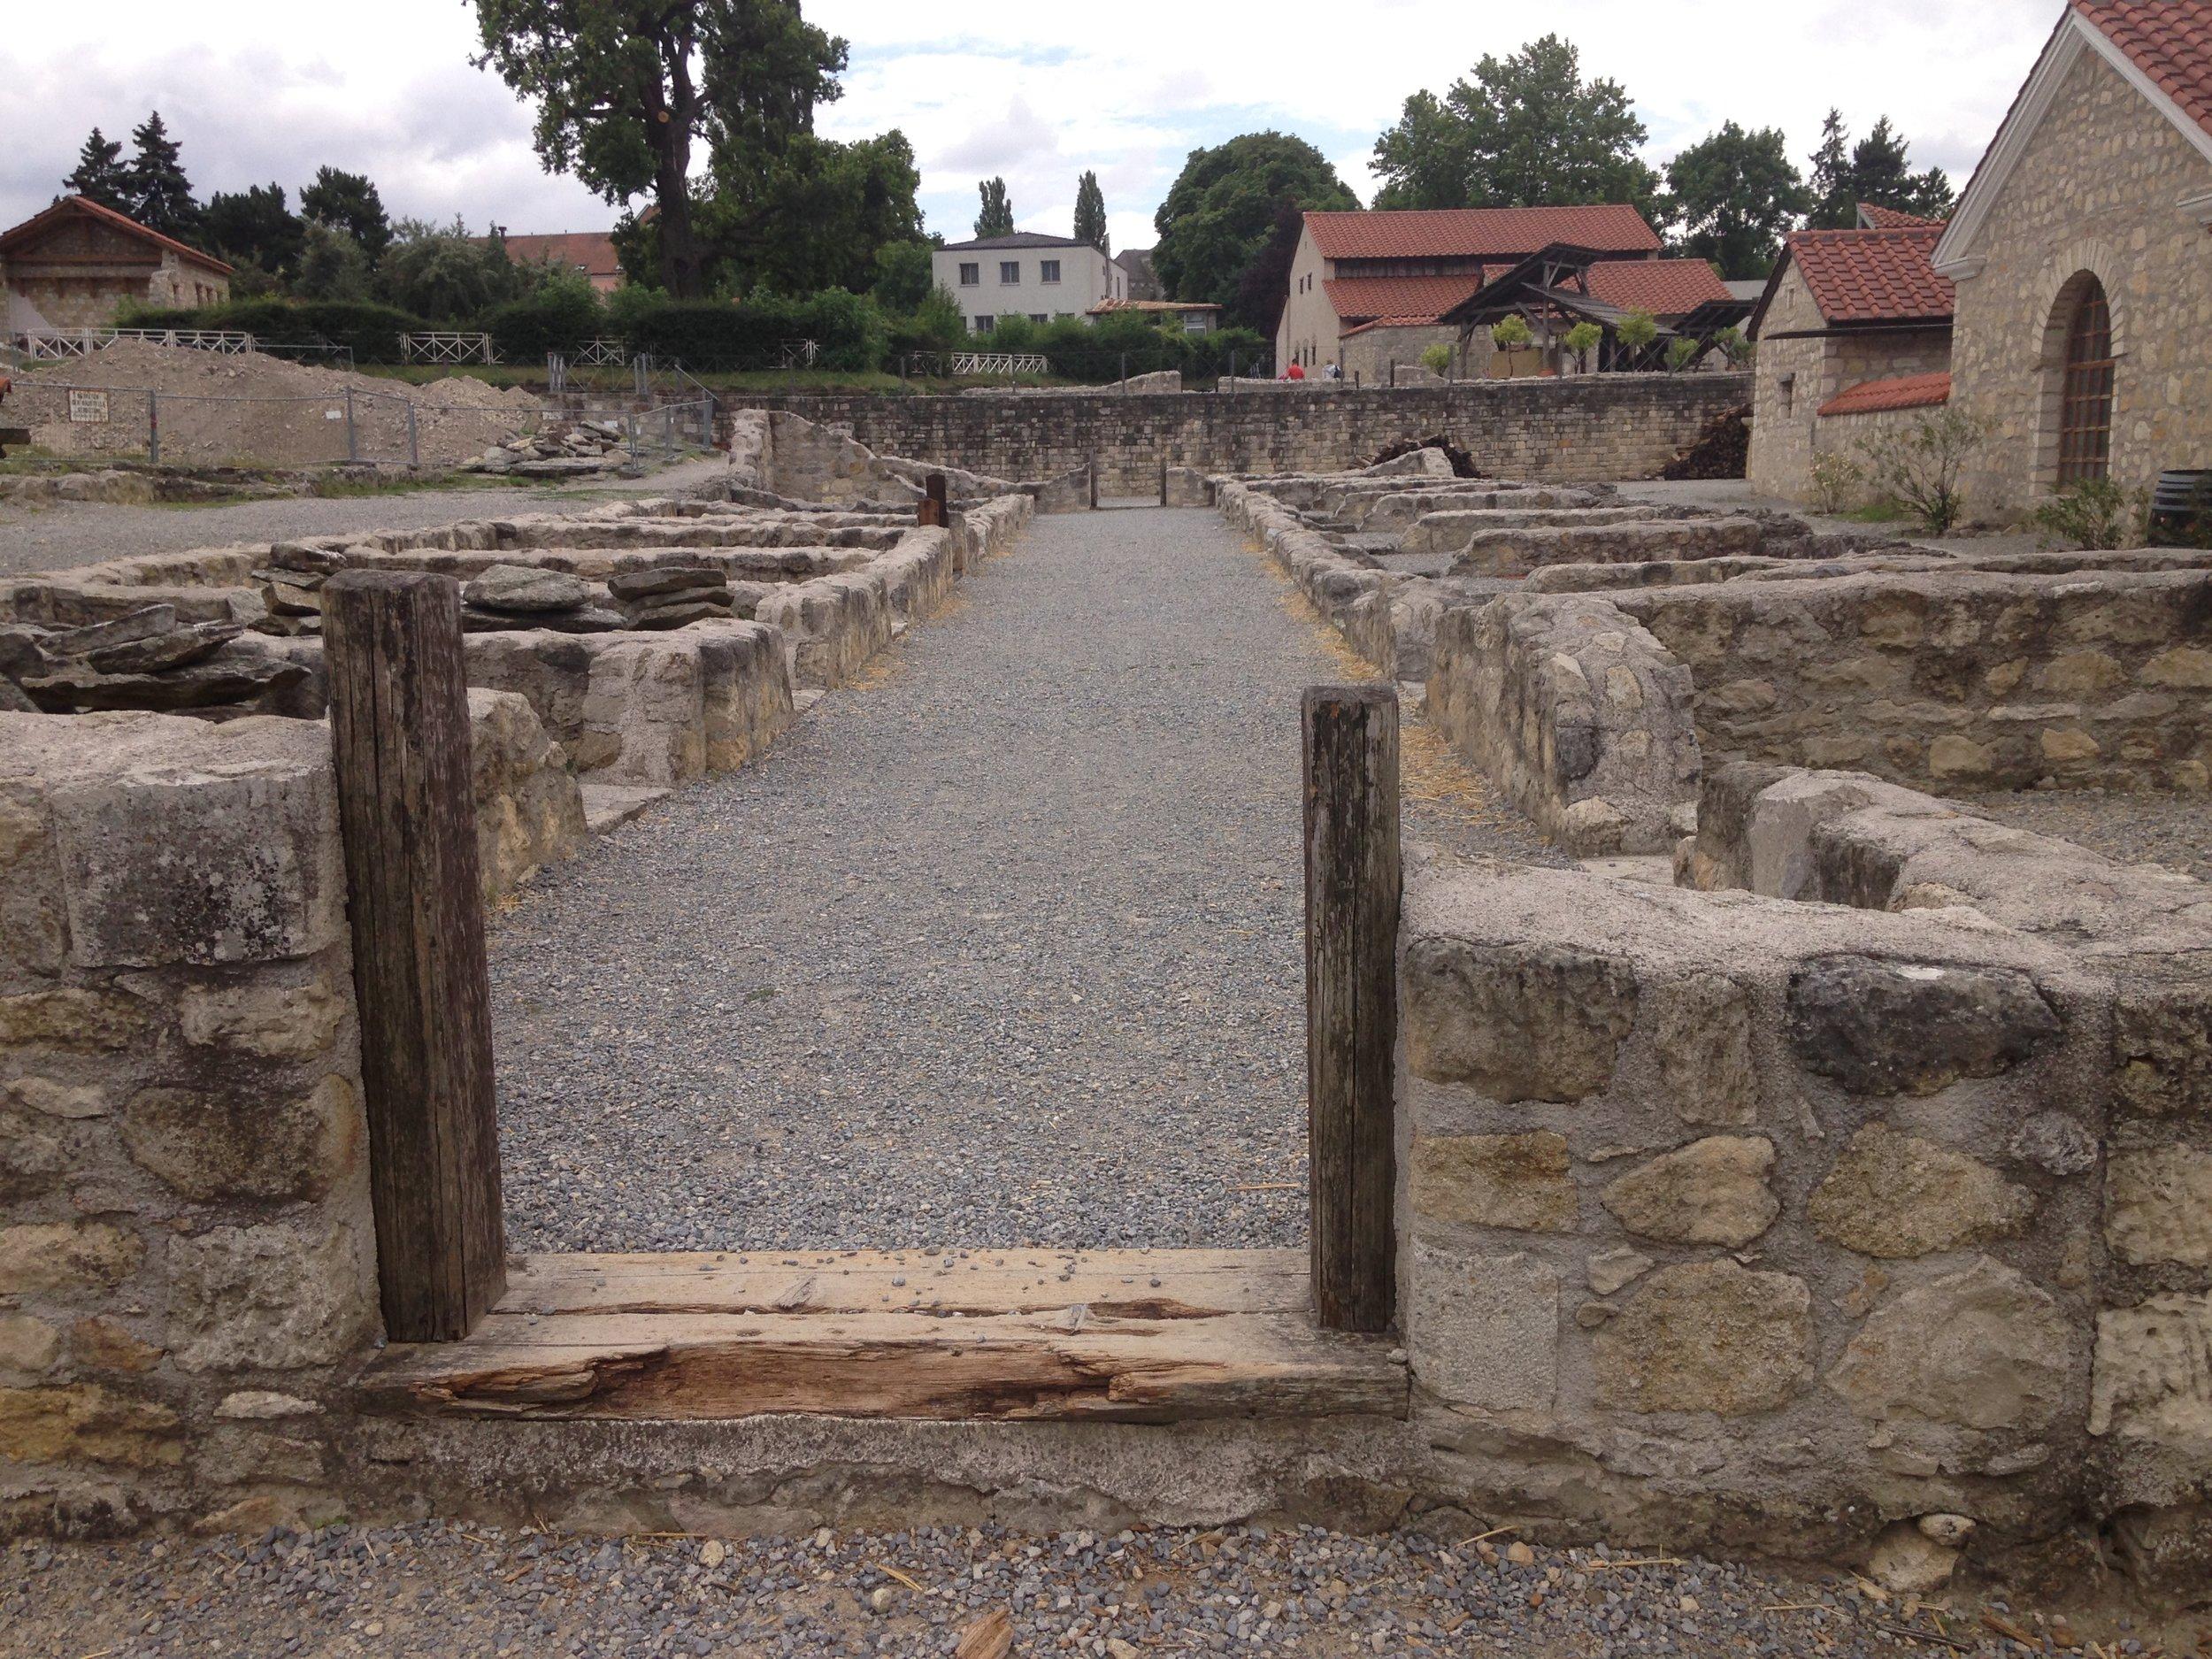 Roman ruins of Carnuntum